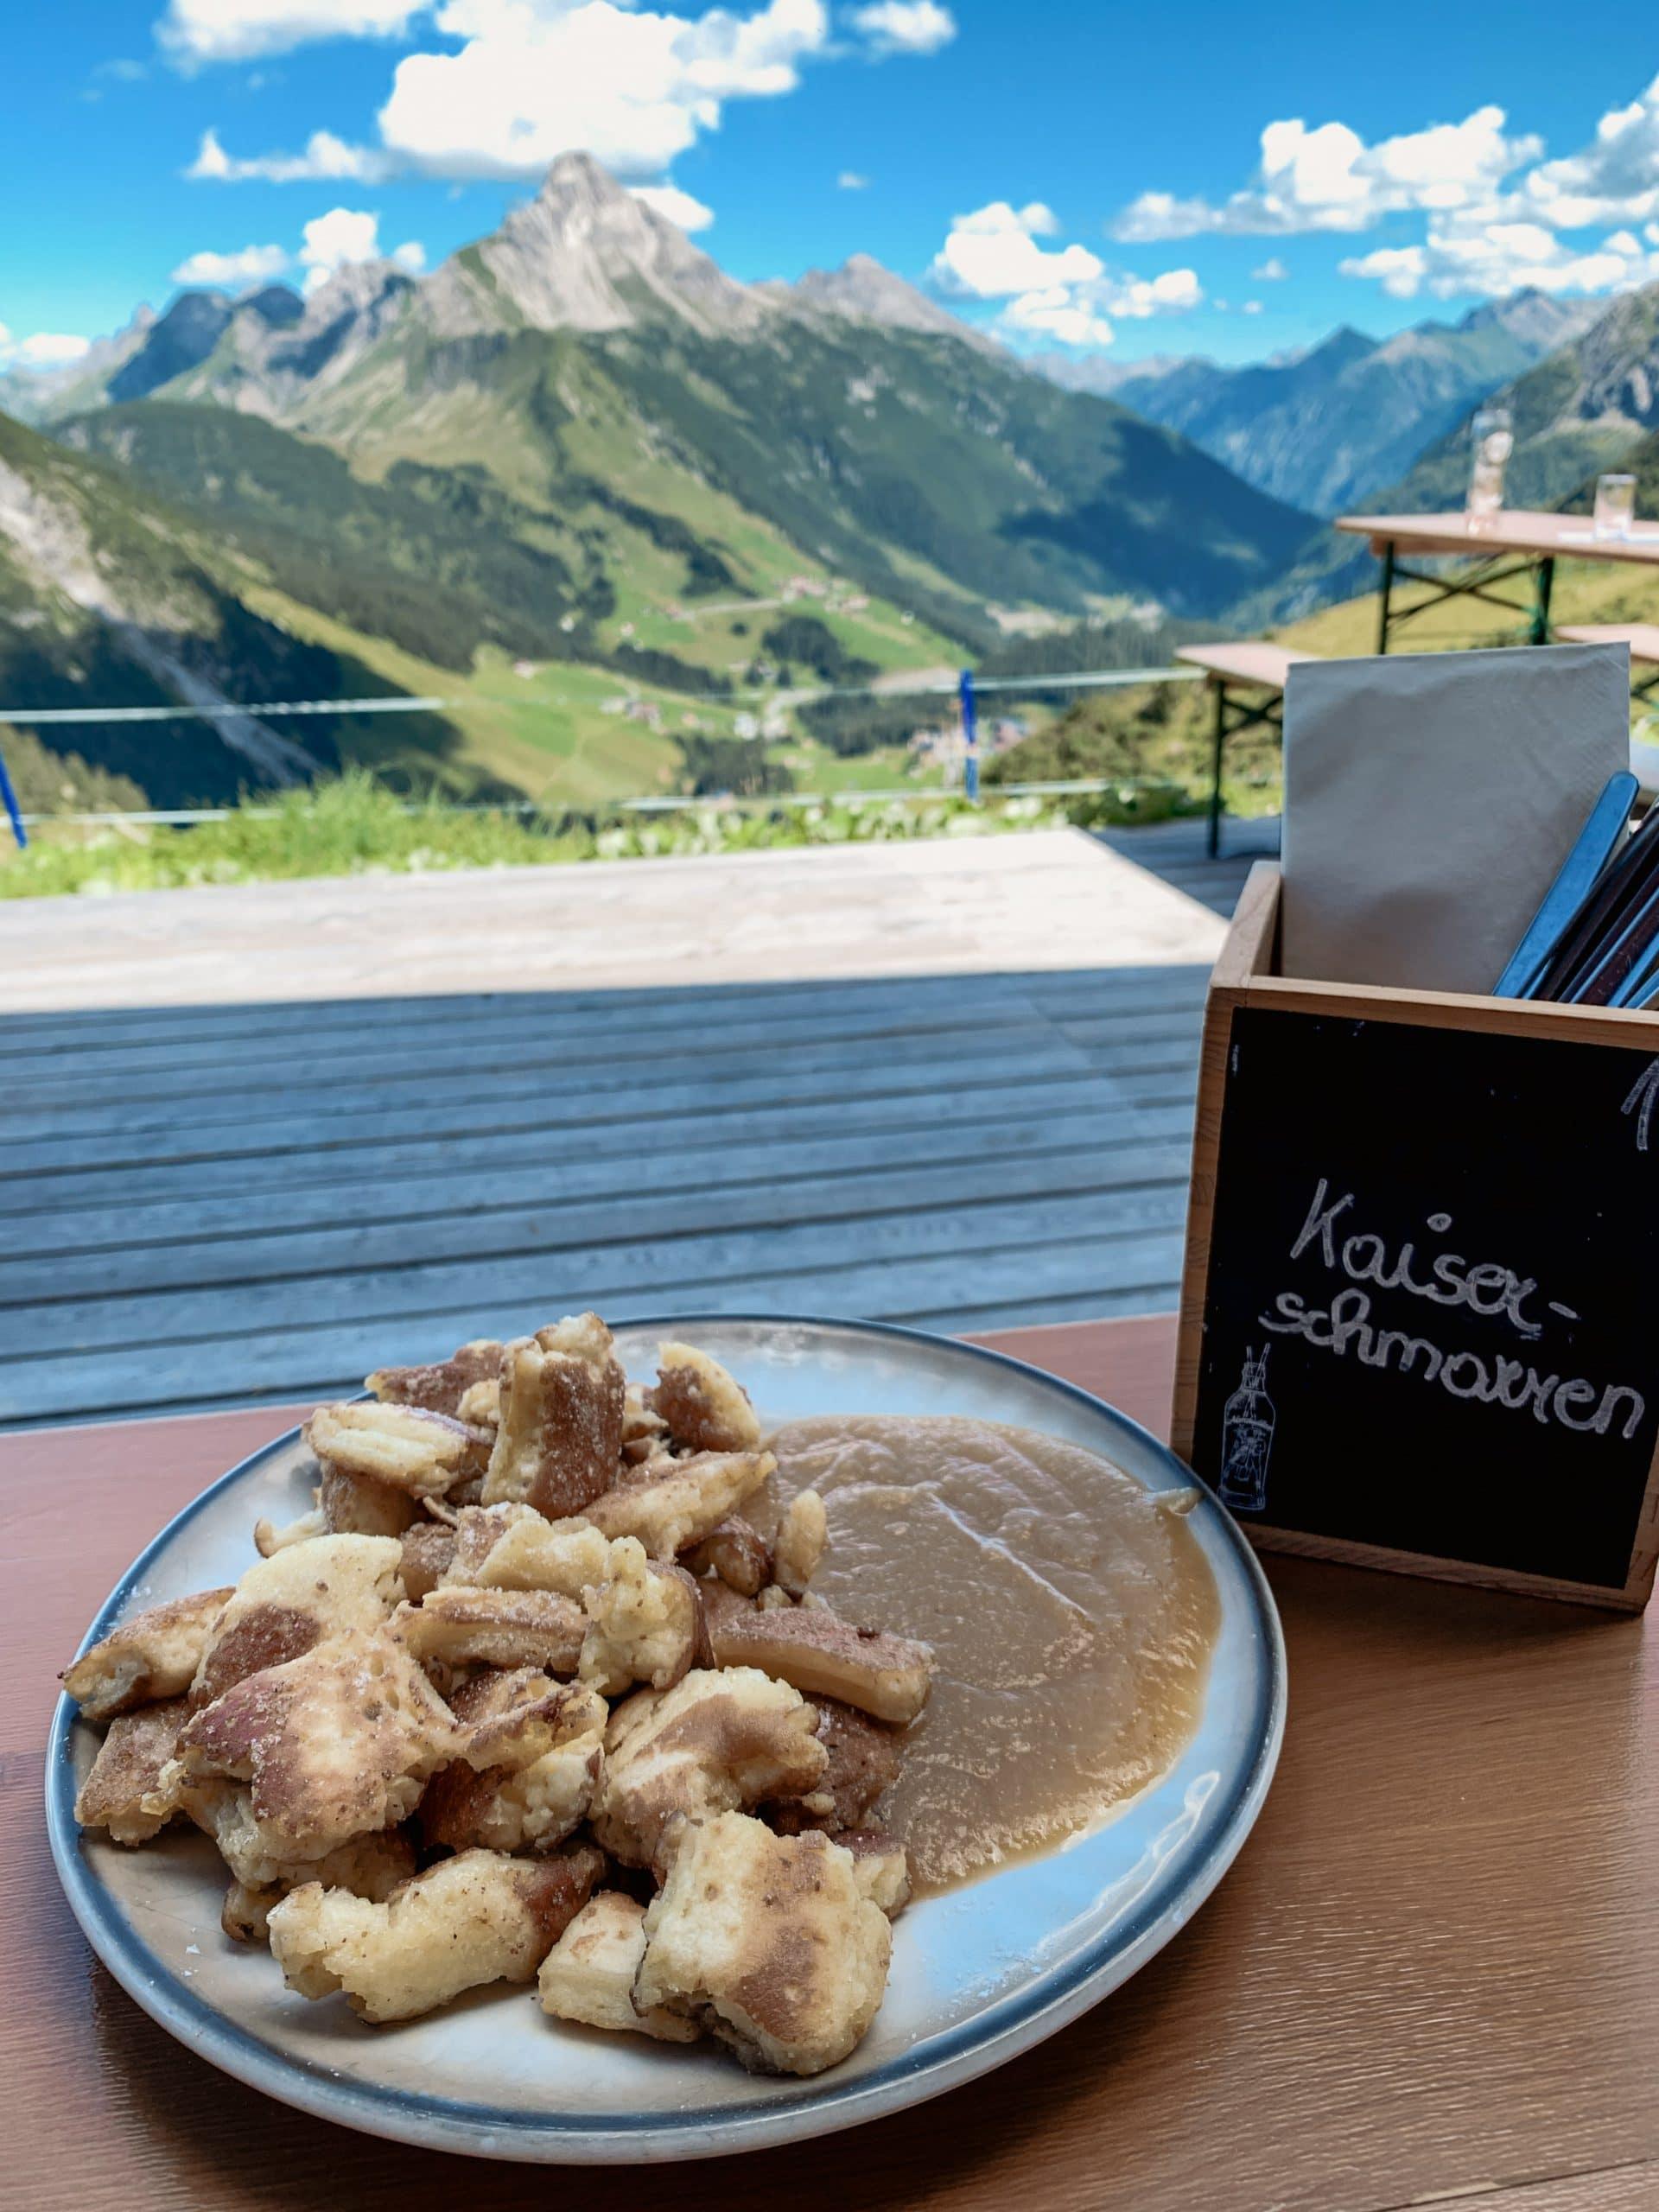 Warth-Schröcken: Outdoor Big 5, schönste Wanderungen und alle Tipps - Steffisalp Punschhütte Kaiserschmarrn